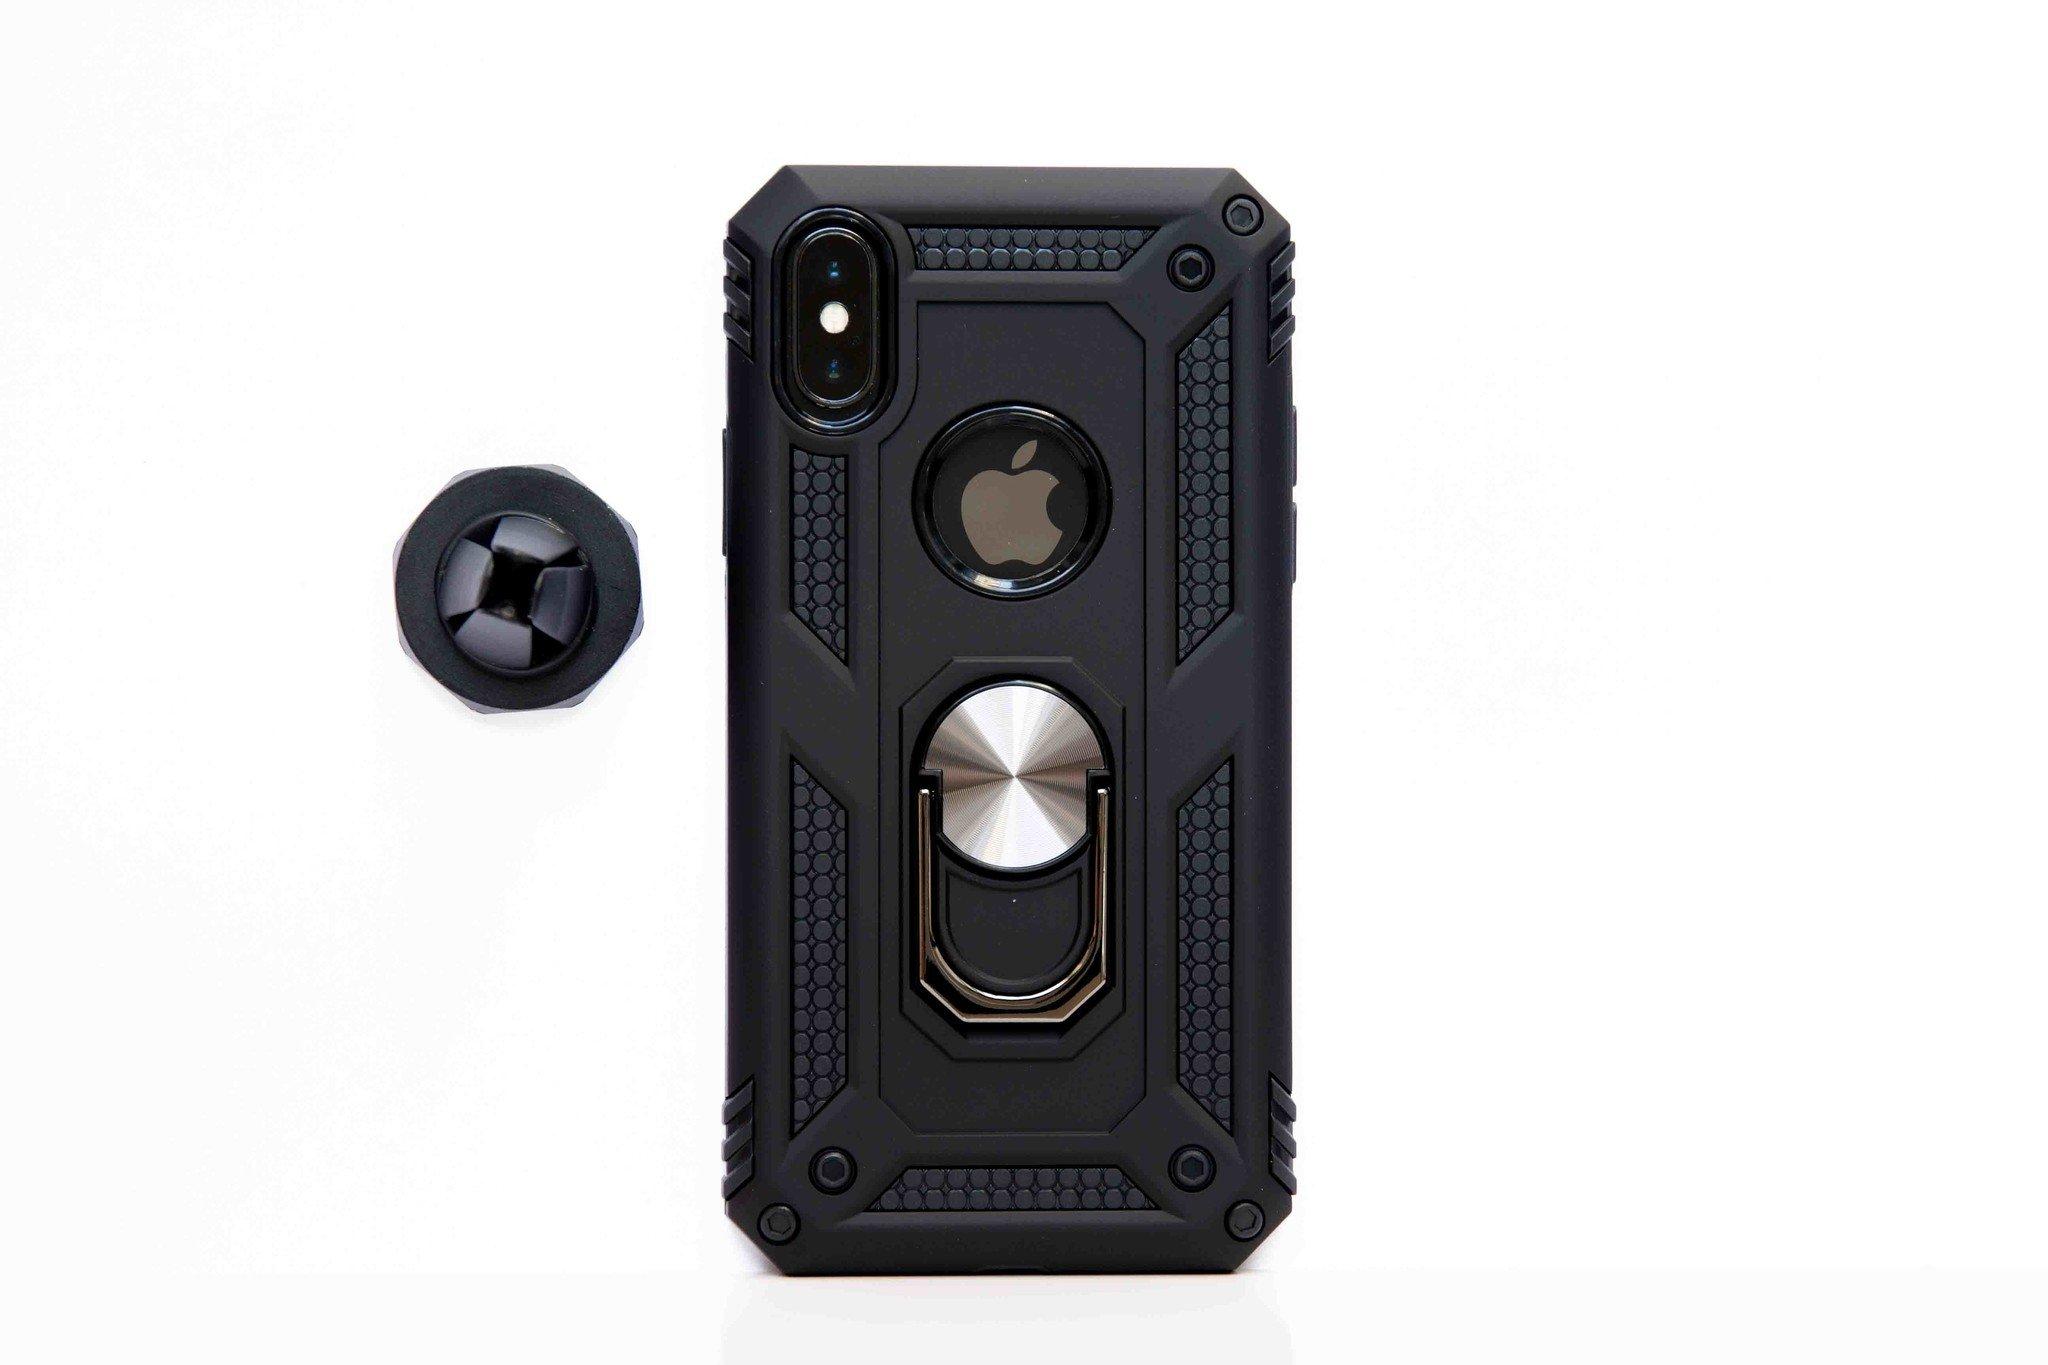 Smartphonehoesje iPhone X / XS   Bouw / shockproof (met standaard & magneet)   Zwart